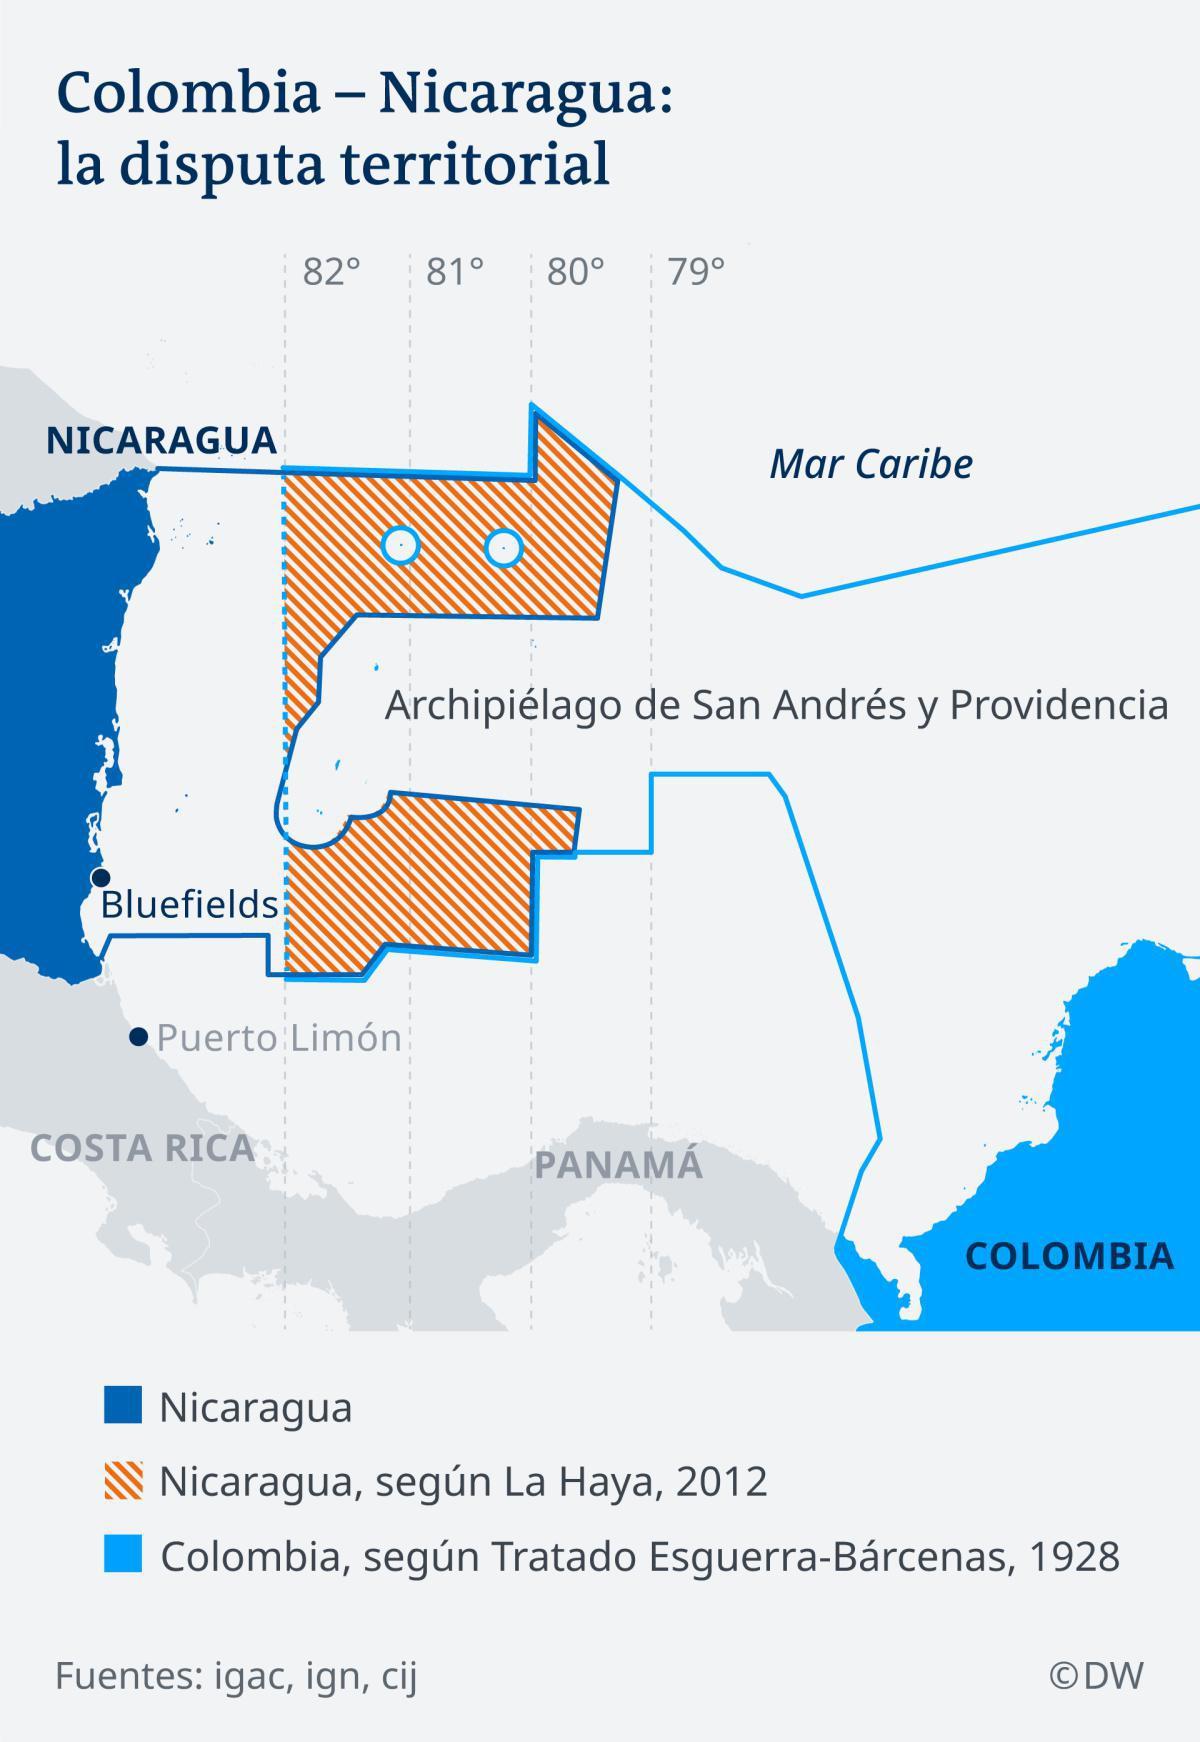 Minga, Escazú, y los 90.000 kilómetros cuadrados de nuestro mar caribe, regalados a Nicaragua hacen parte de la misma agenda que roba nuestra soberanía